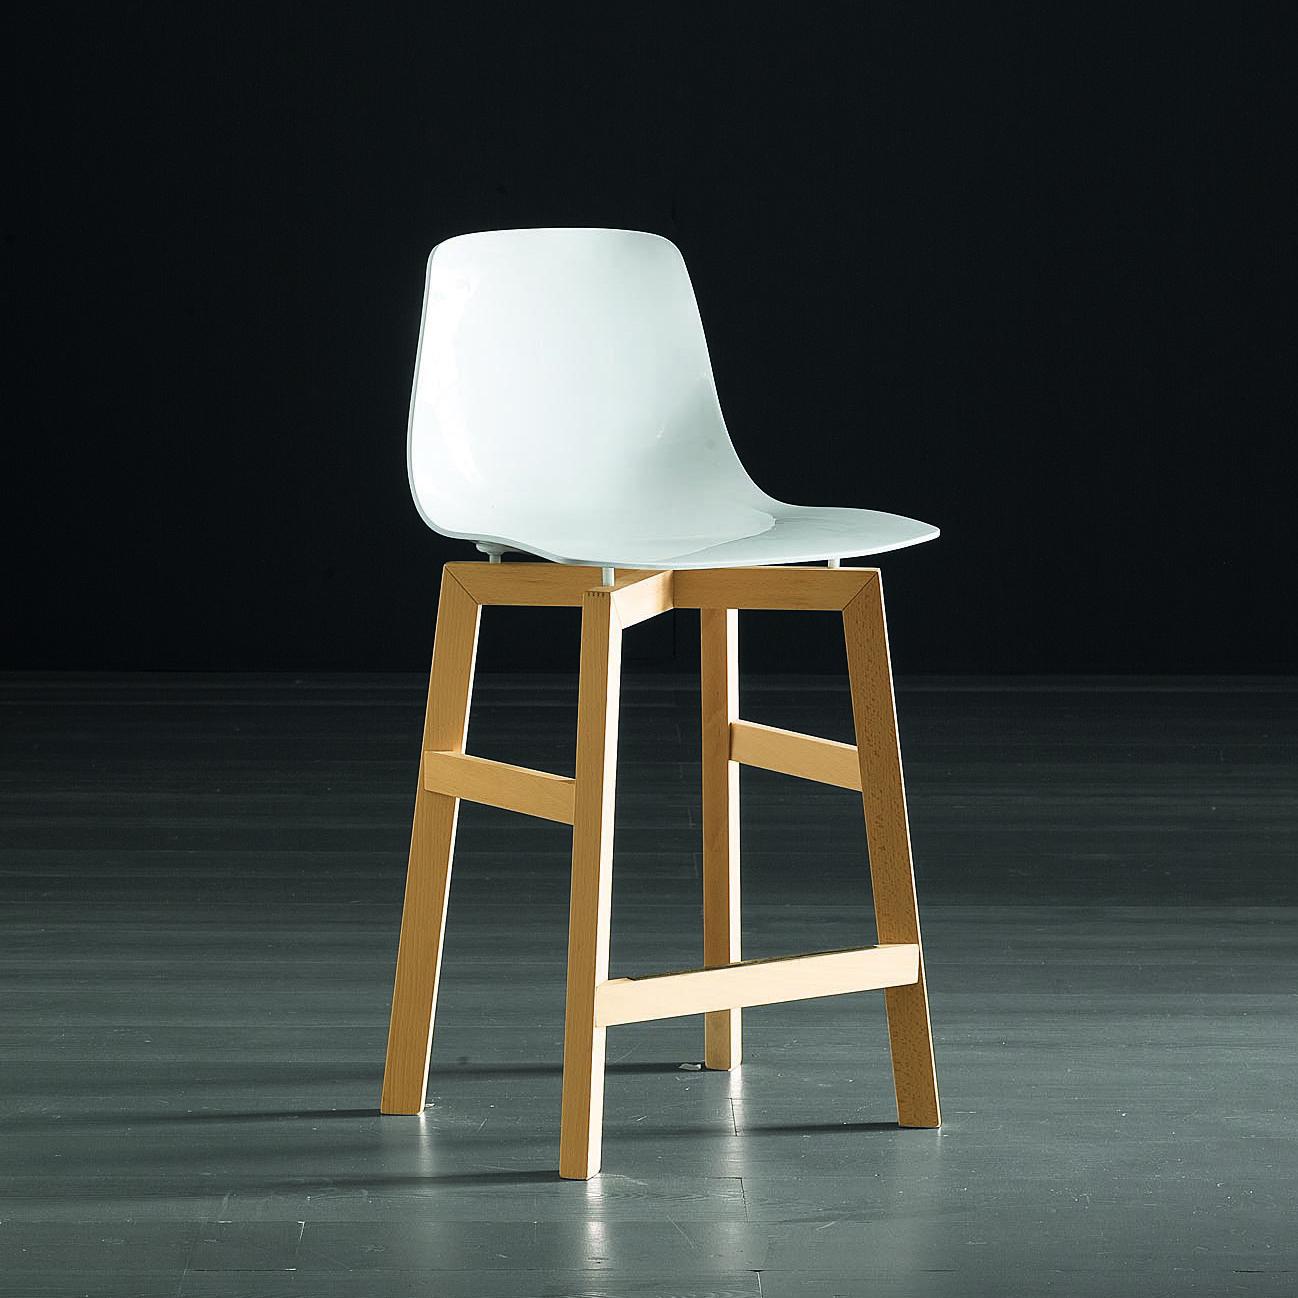 TESS avec assise blanche et pied clair en chêne